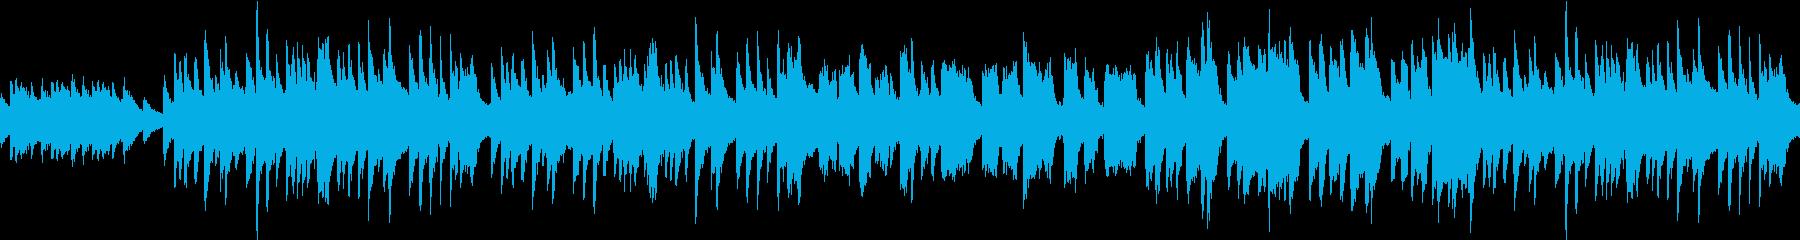 琴の音色を使った不思議だけどコミカルな曲の再生済みの波形